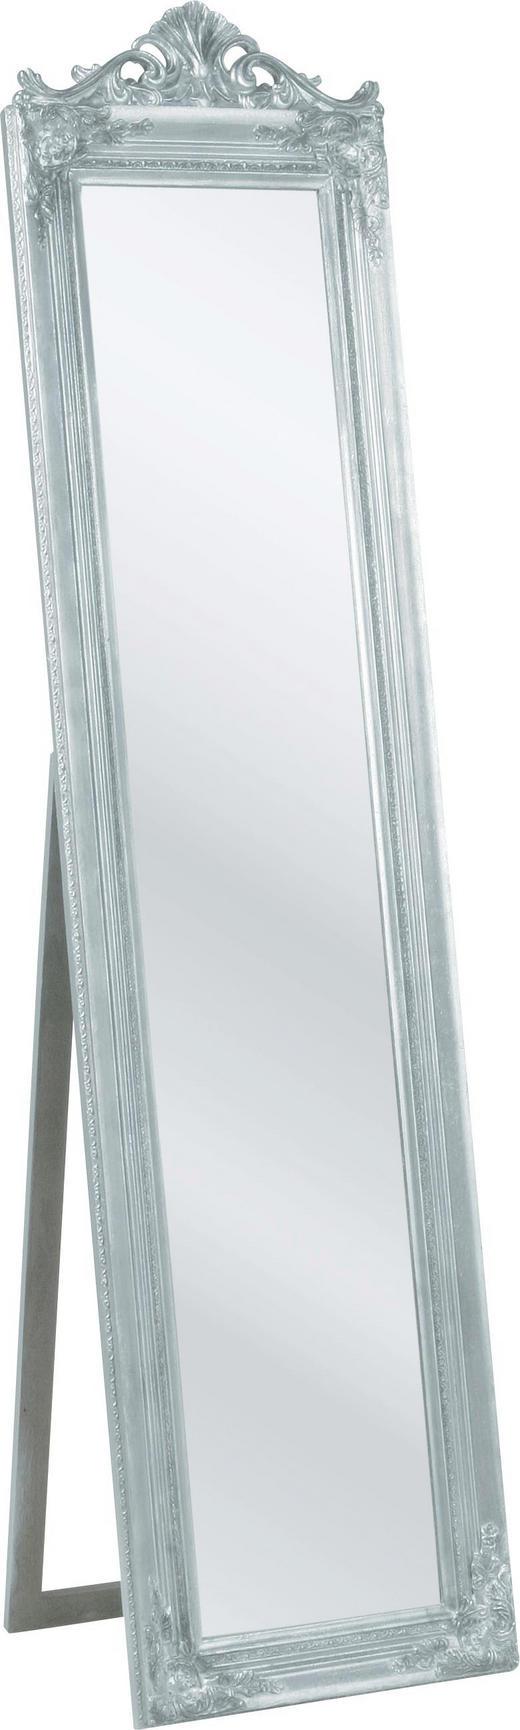 STANDSPIEGEL Rockstar by Geiss - Silberfarben, Design, Holz (45/180/40cm) - Kare-Design